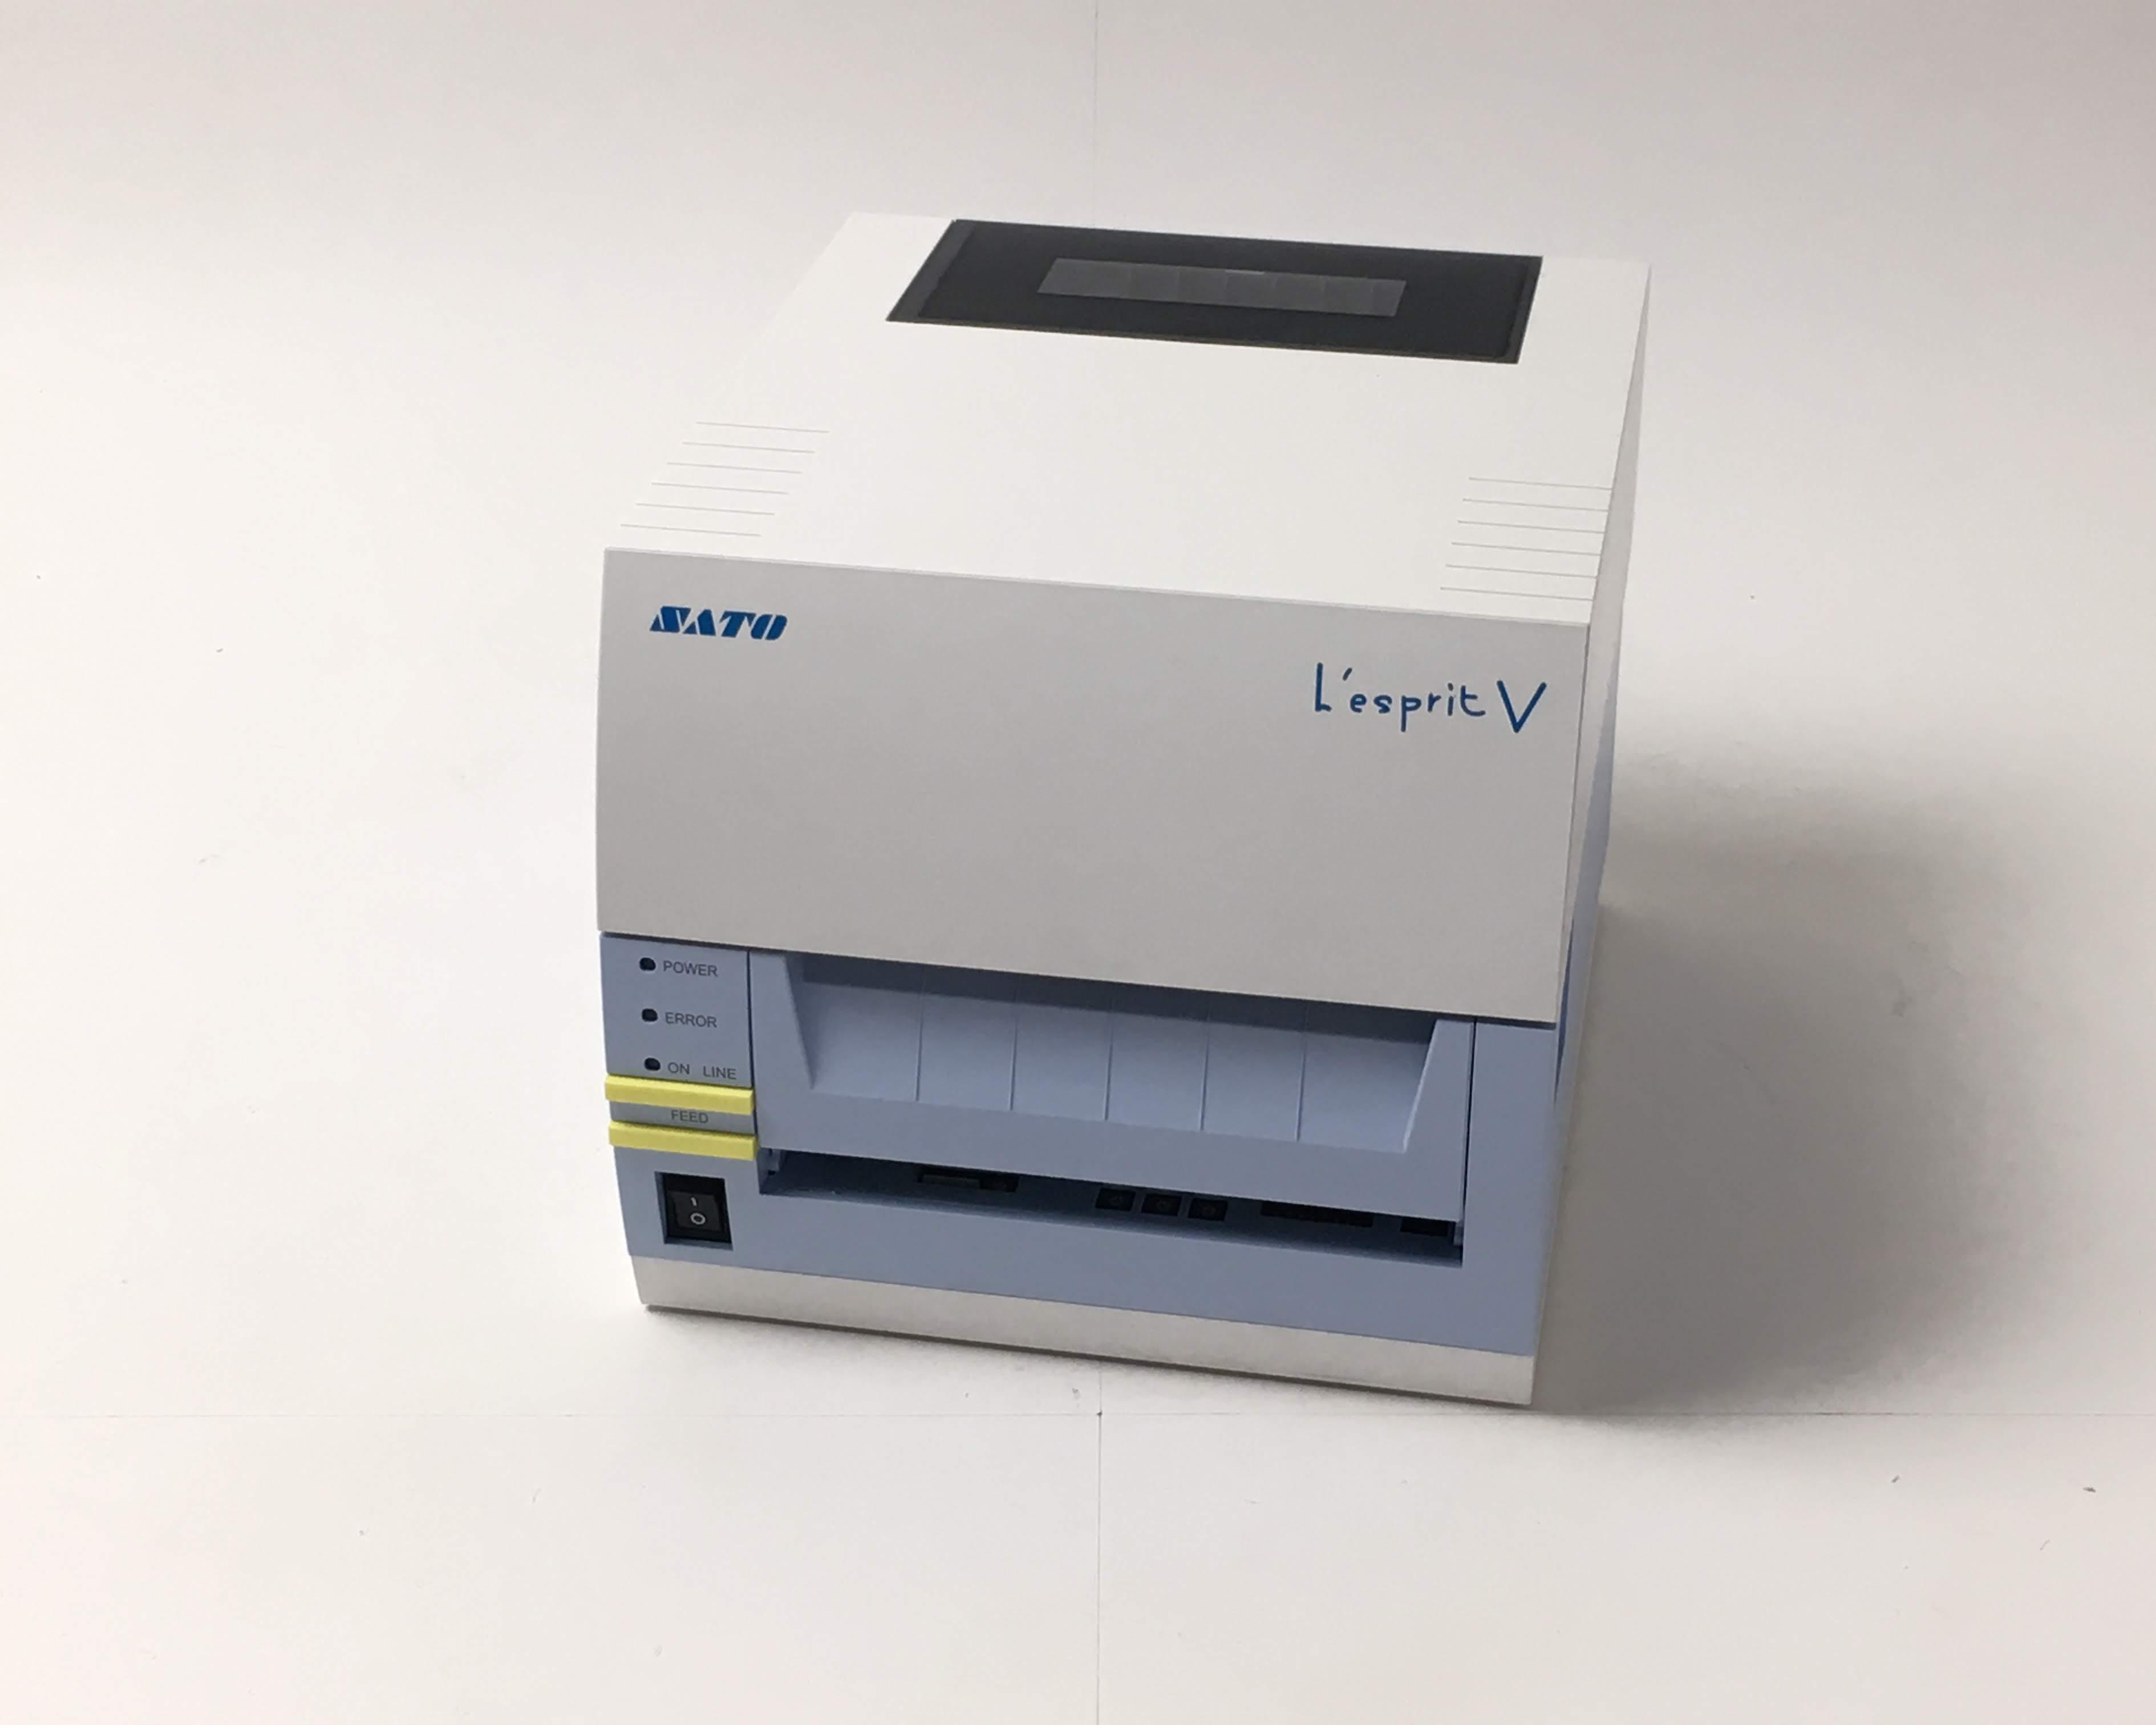 【優良中古】SATO レスプリ(Lesprit) T412v CT (USB/LAN) メイン画像